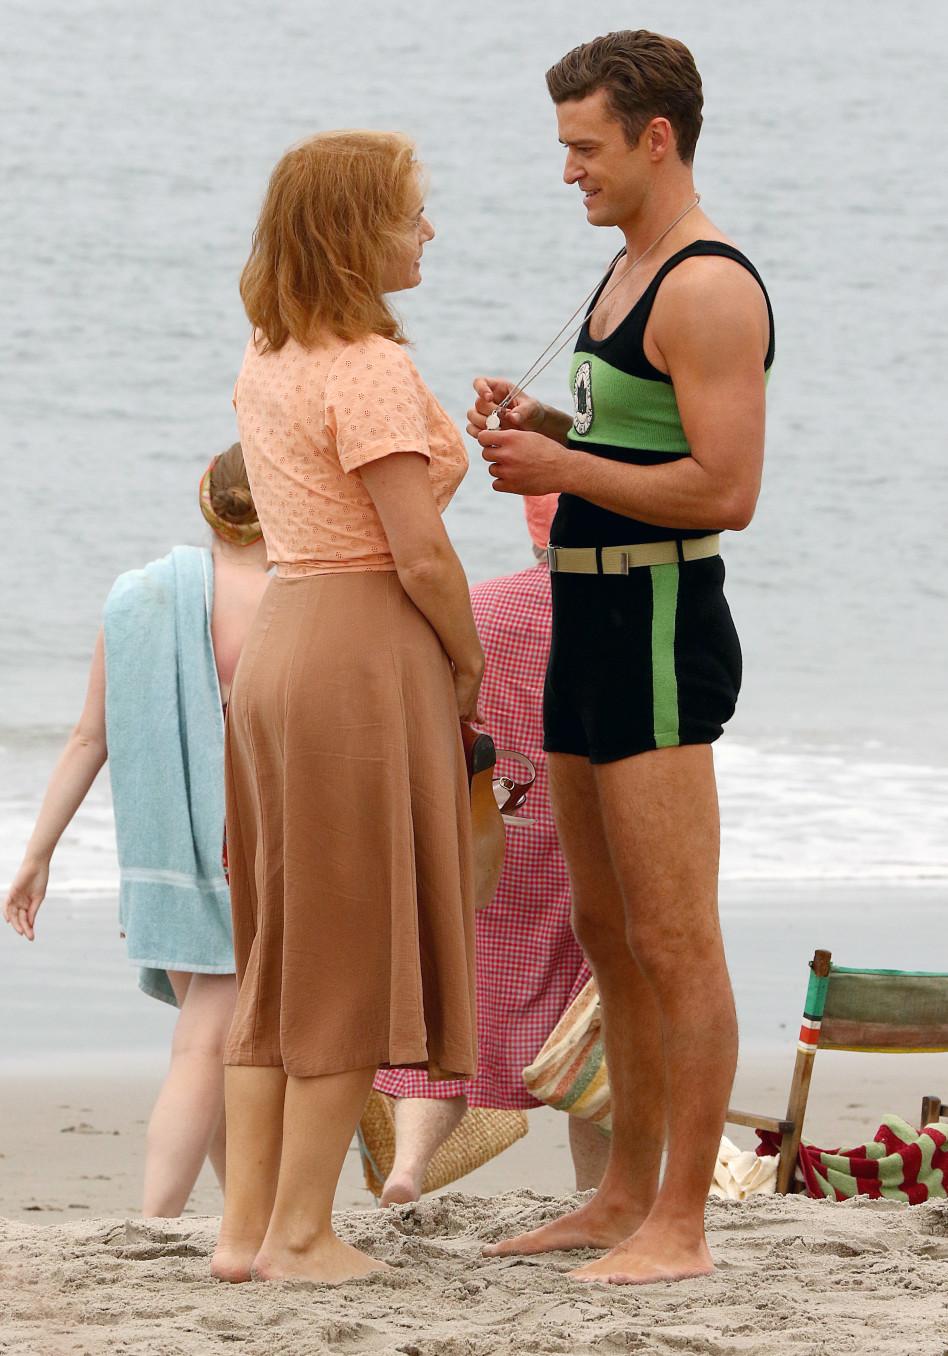 קייט וינסלט, אתם חולקים חדר הלבשה?